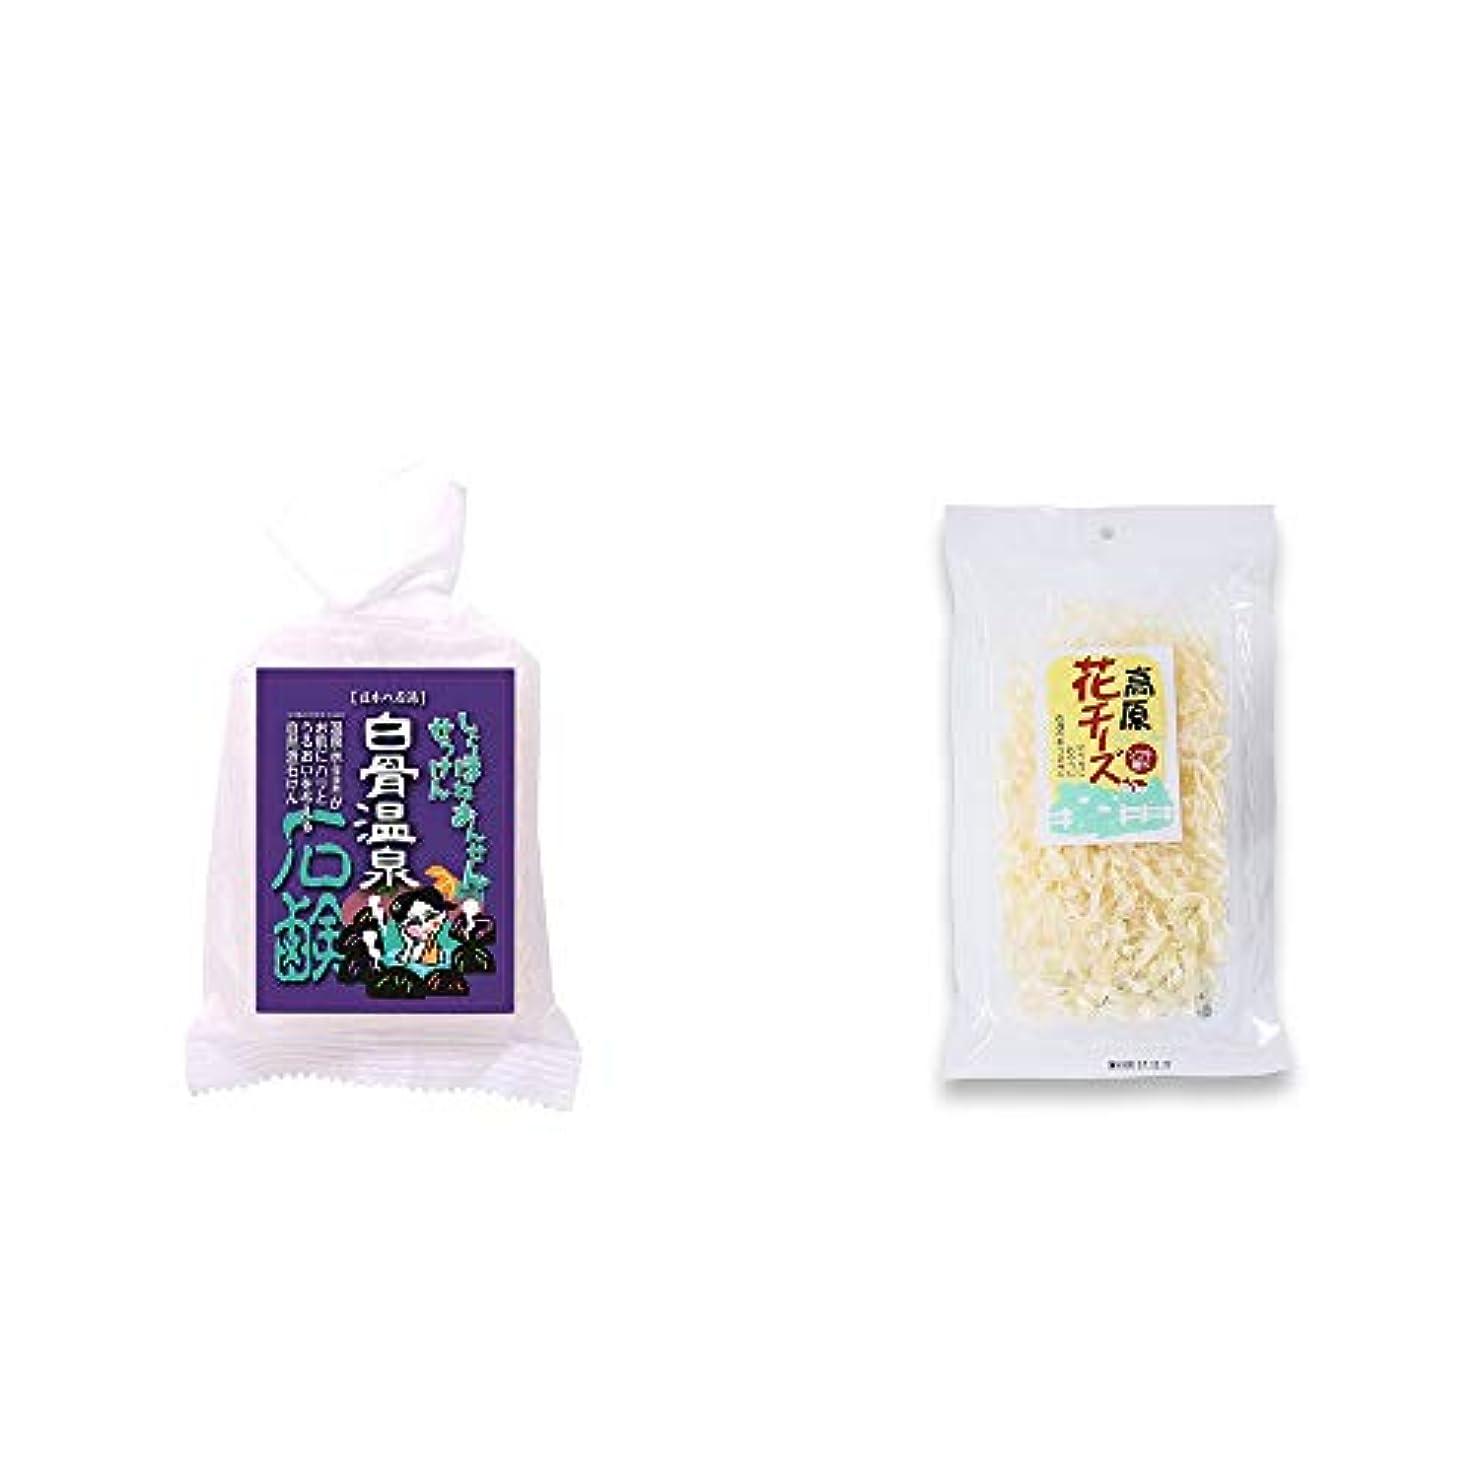 定期的な事業カスケード[2点セット] 信州 白骨温泉石鹸(80g)?高原の花チーズ(56g)